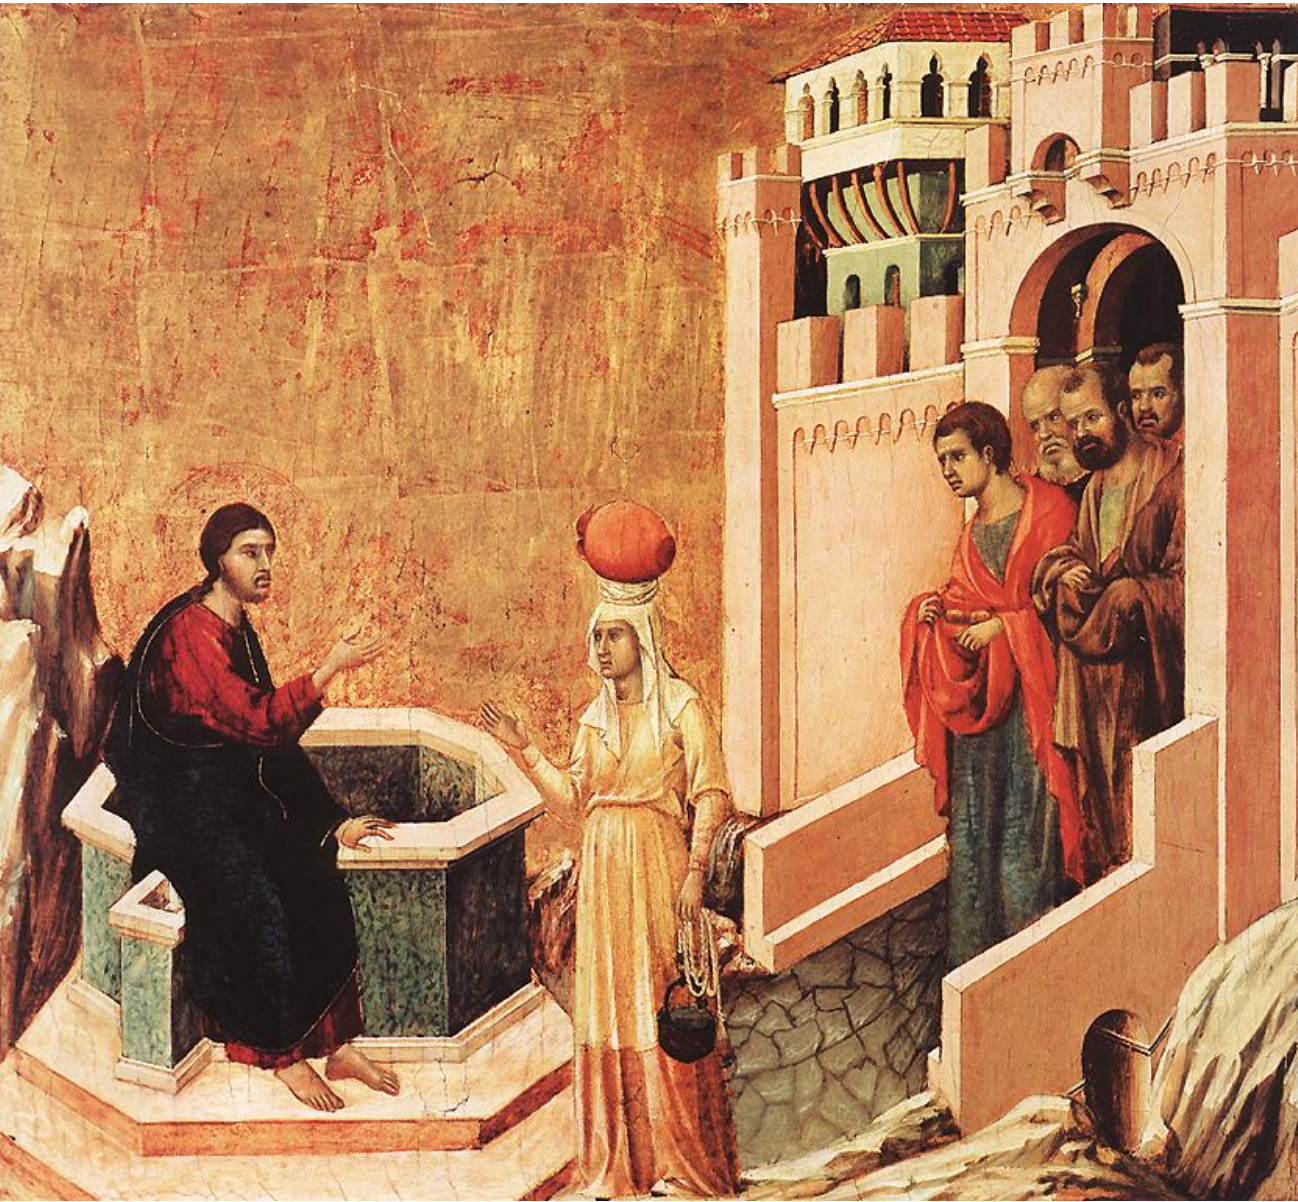 Duccio di Buoninsegna (Wikicommons)